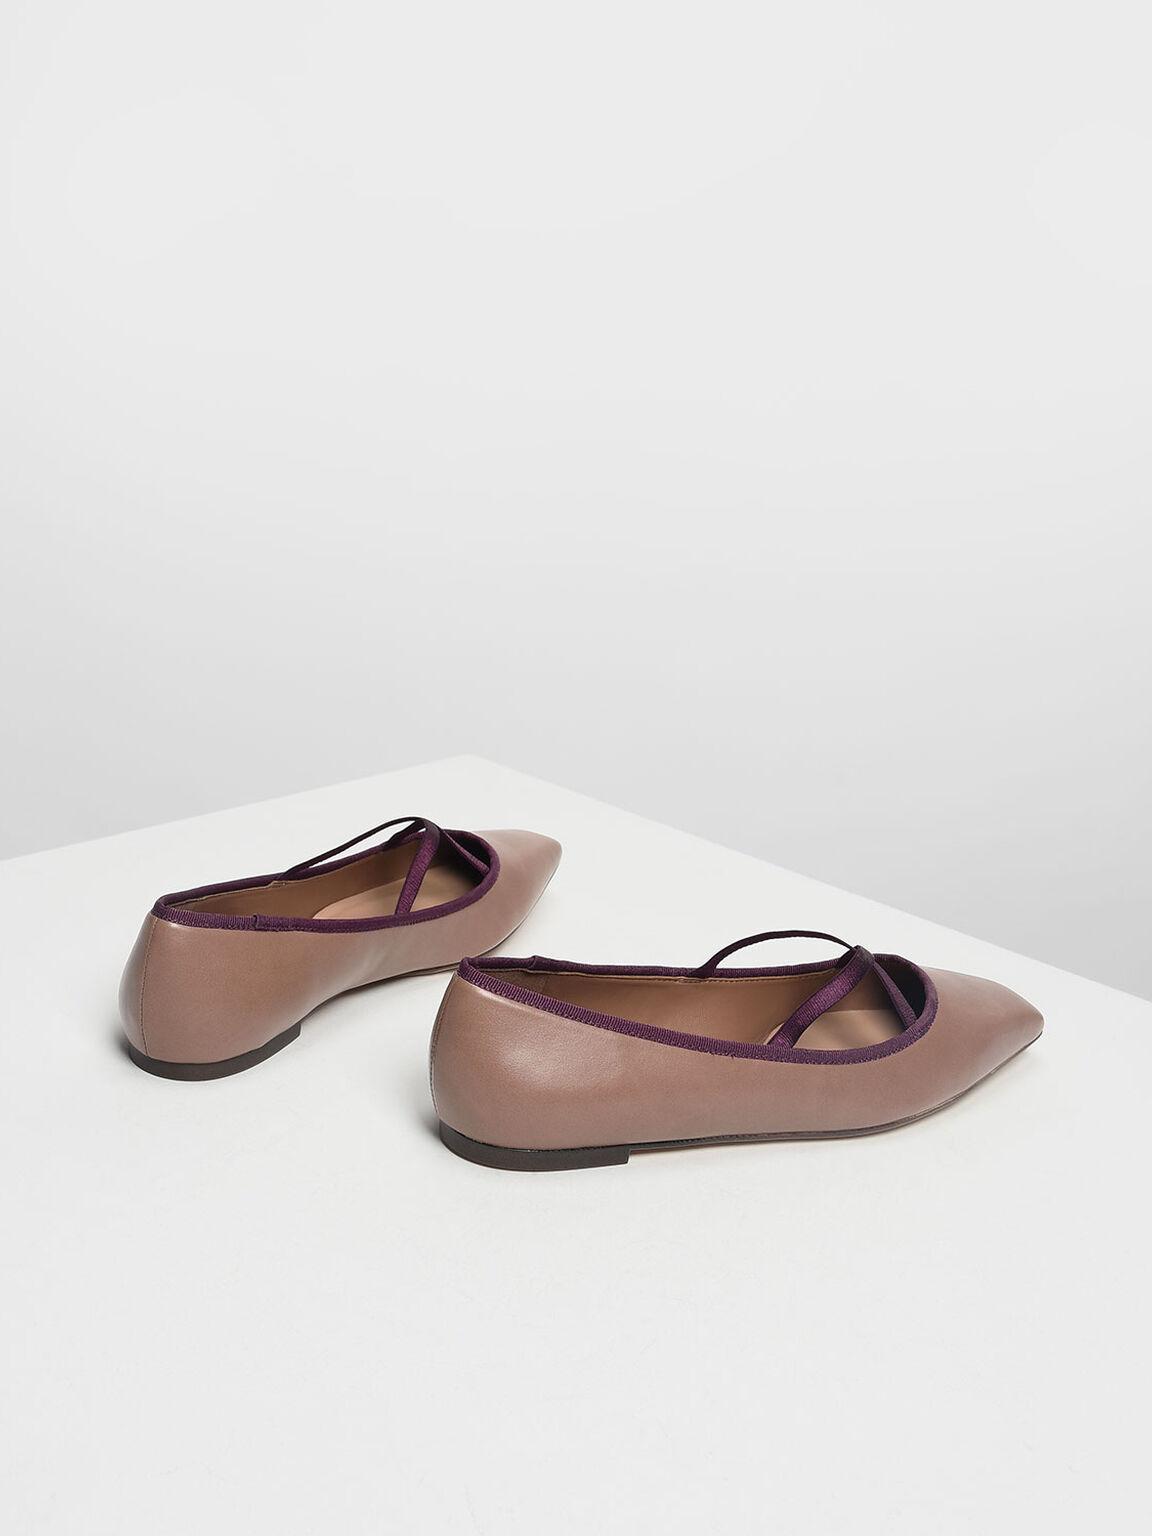 Crossband Ballerina Flats, Nude, hi-res